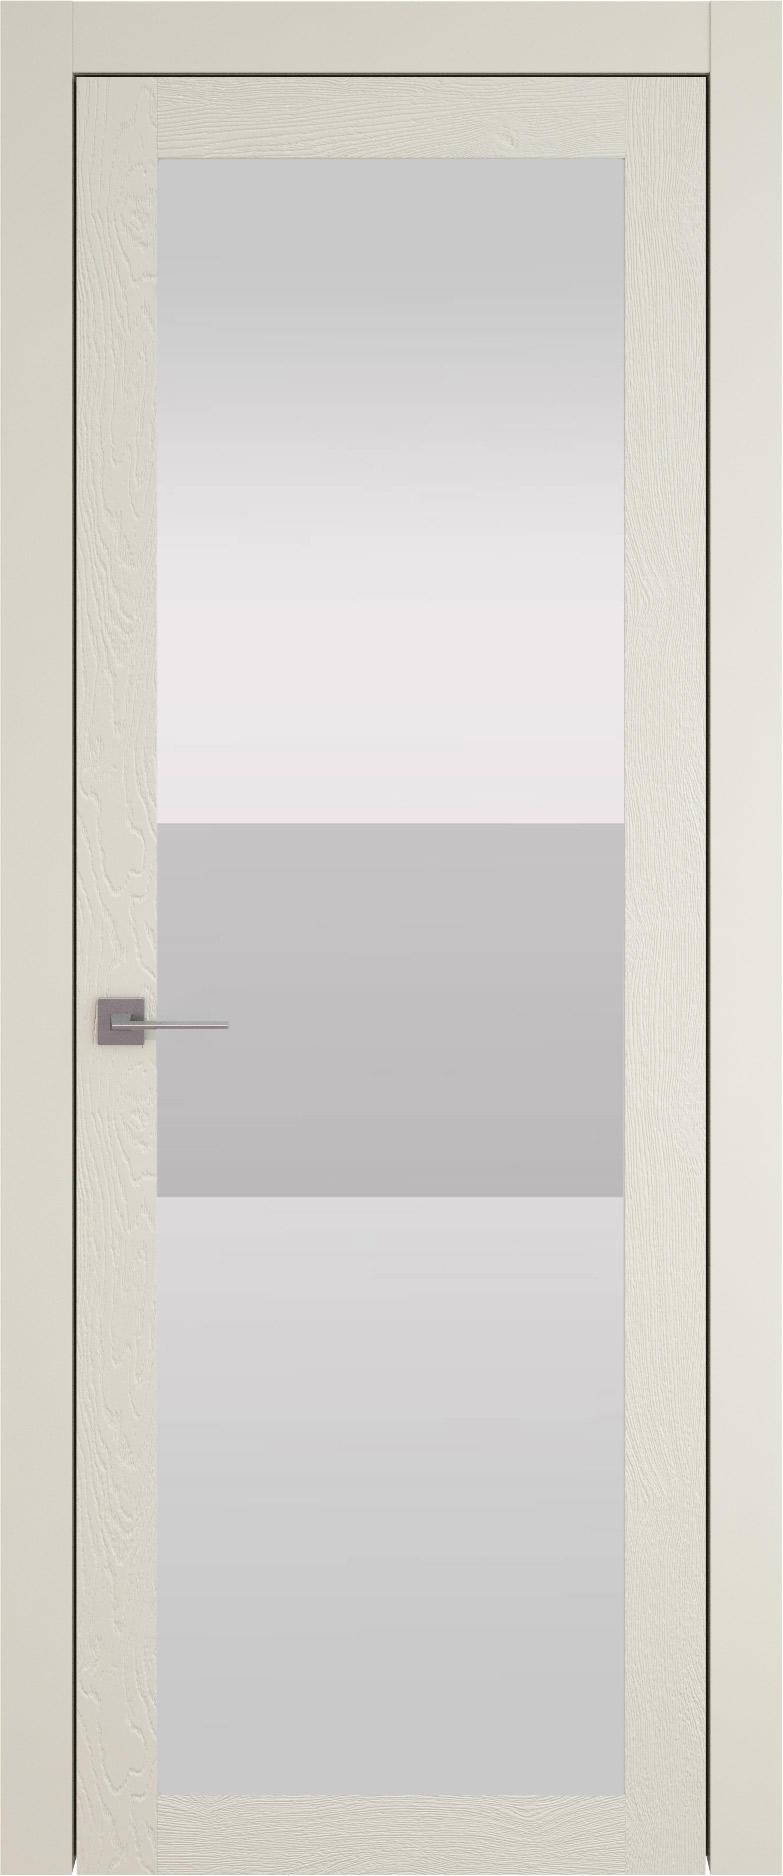 Tivoli З-4 цвет - Жемчужная эмаль по шпону (RAL 1013) Со стеклом (ДО)